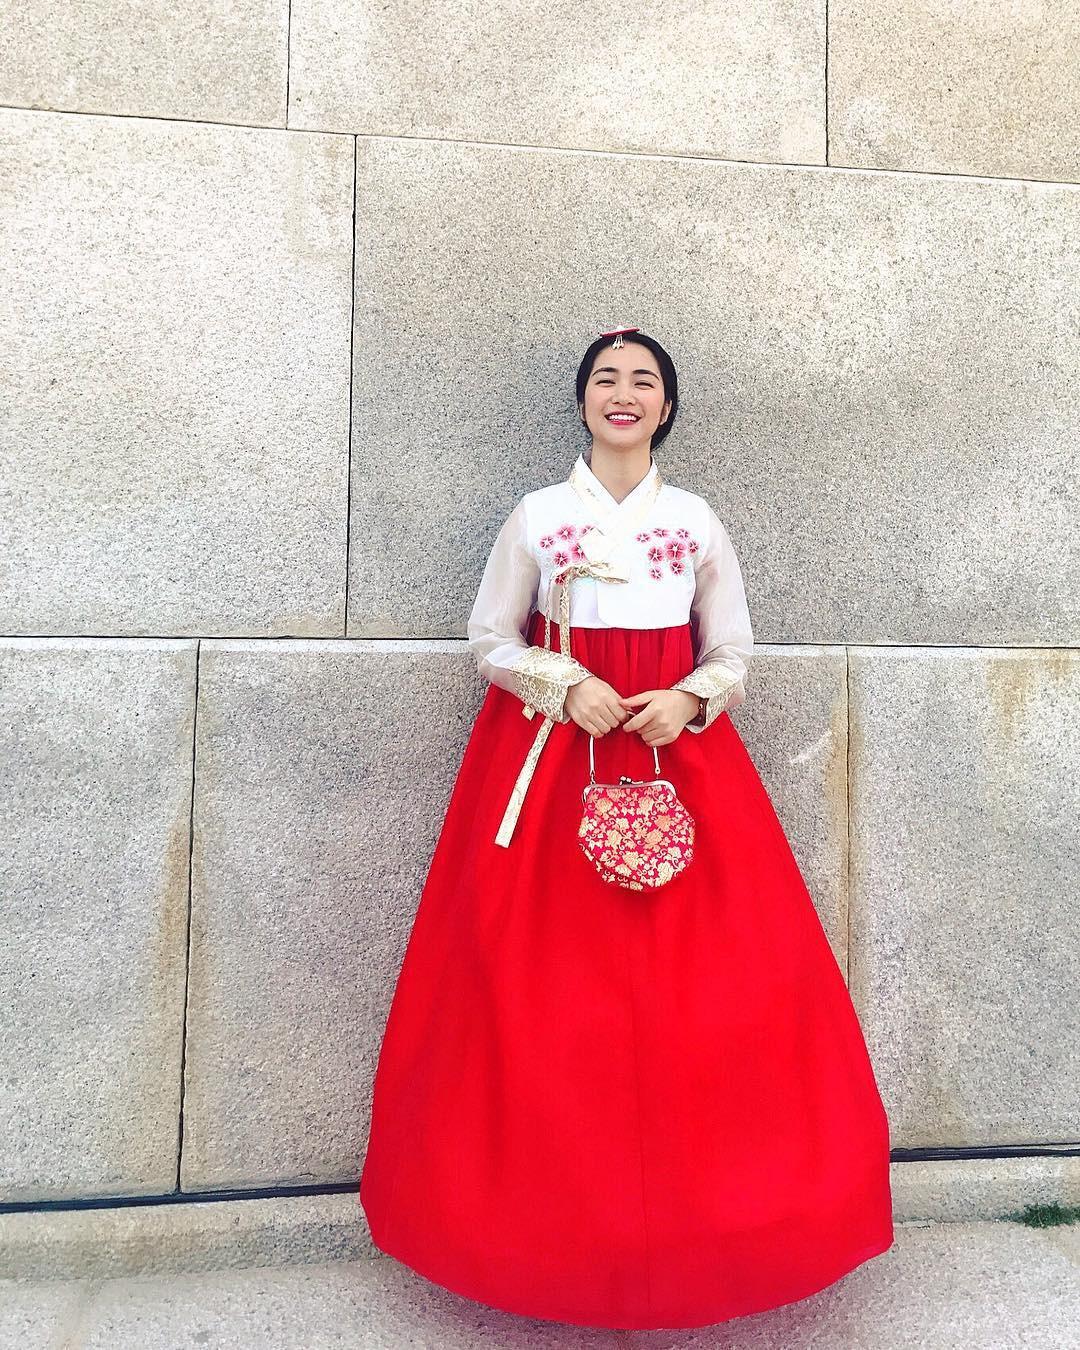 Đại chiến hoa dâm bụt: Hòa Minzy mặc áo phao đỏ, Đức Phúc liền ví chị giống chiếc xúc xích - Ảnh 5.